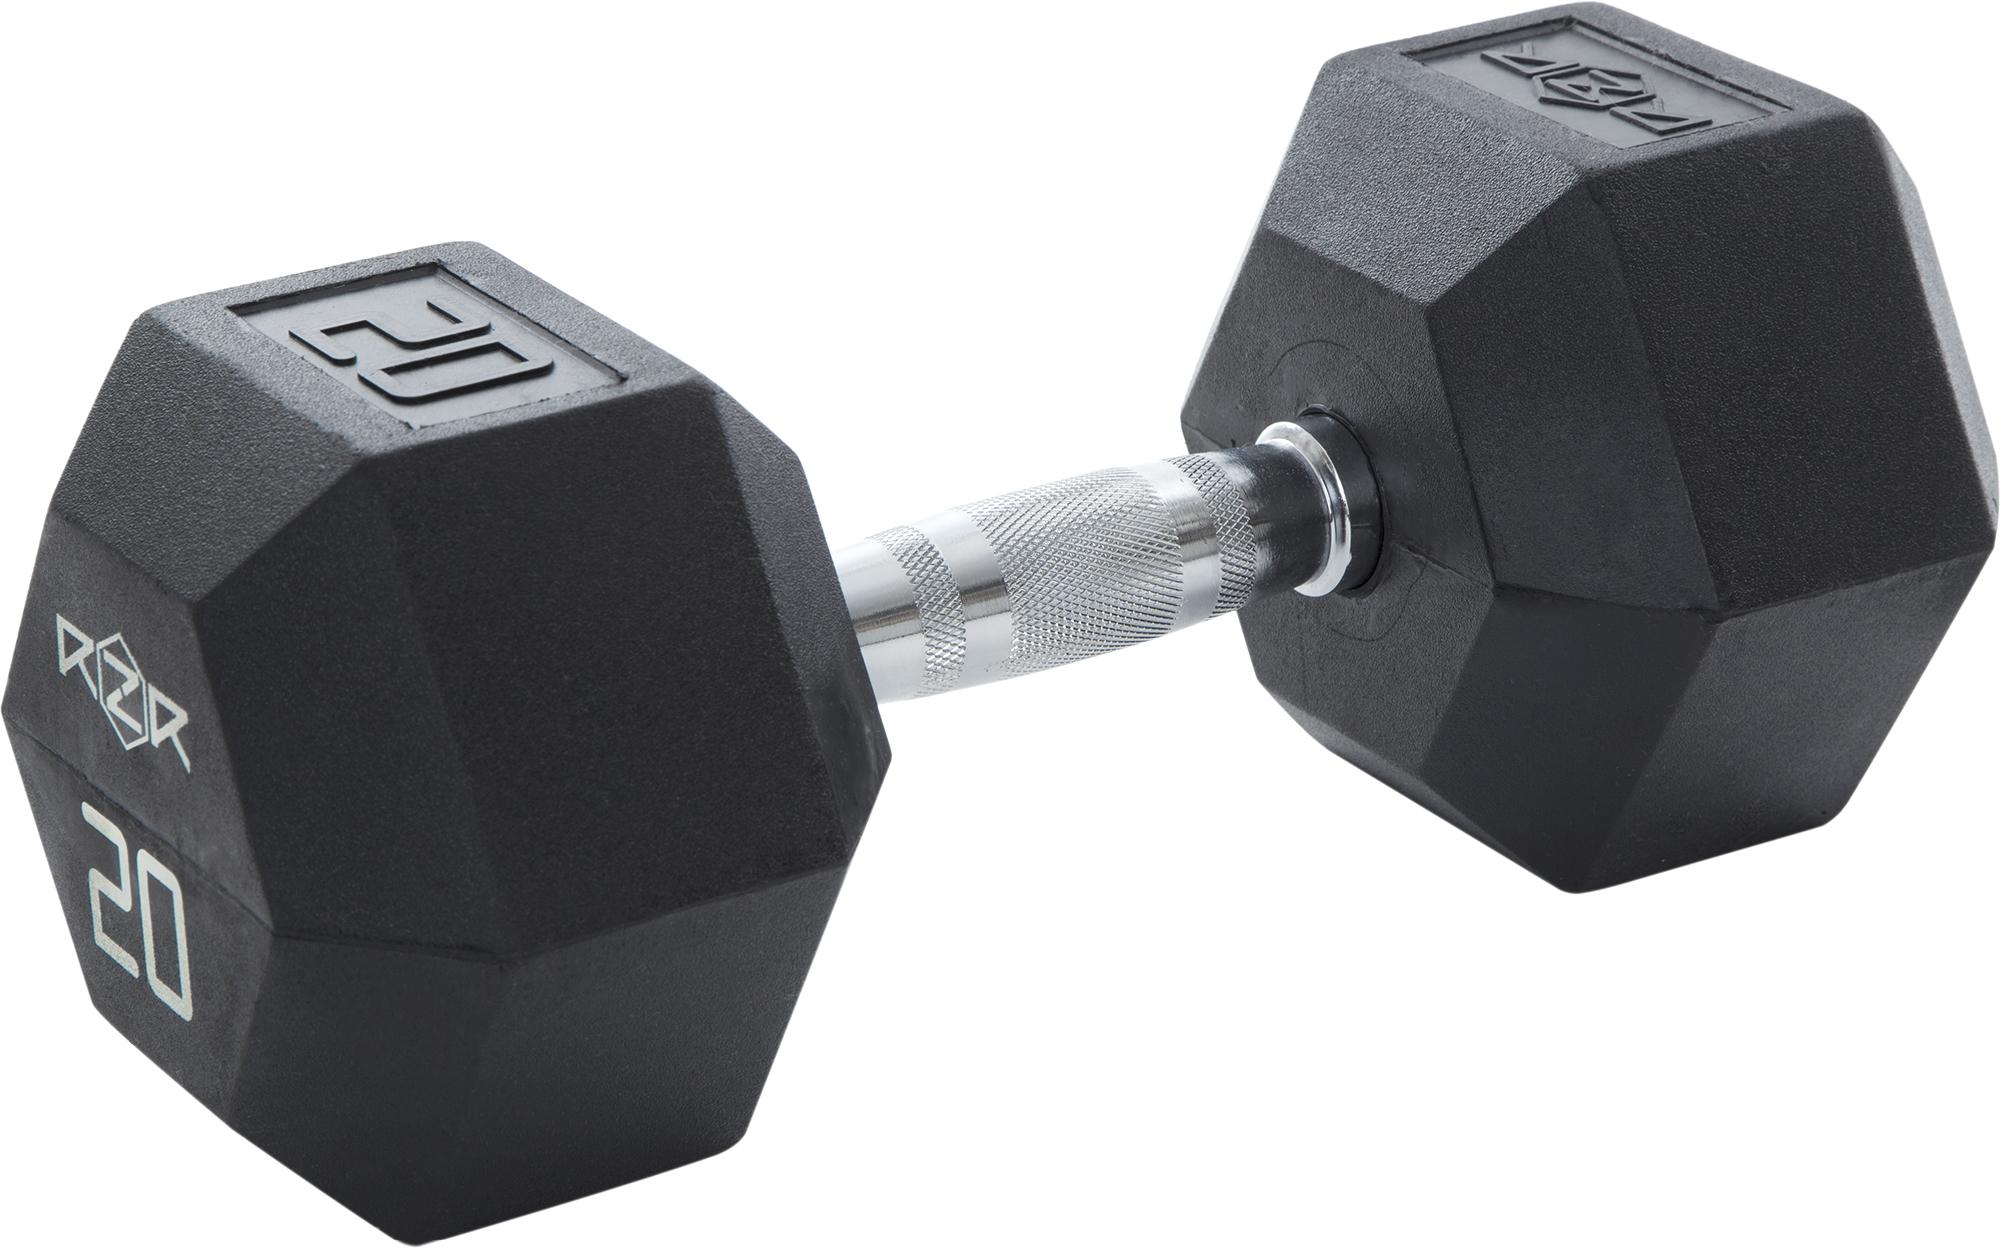 RZR Гантель гексагональная обрезиненная, 20 кг RZR-HEX-20 все цены